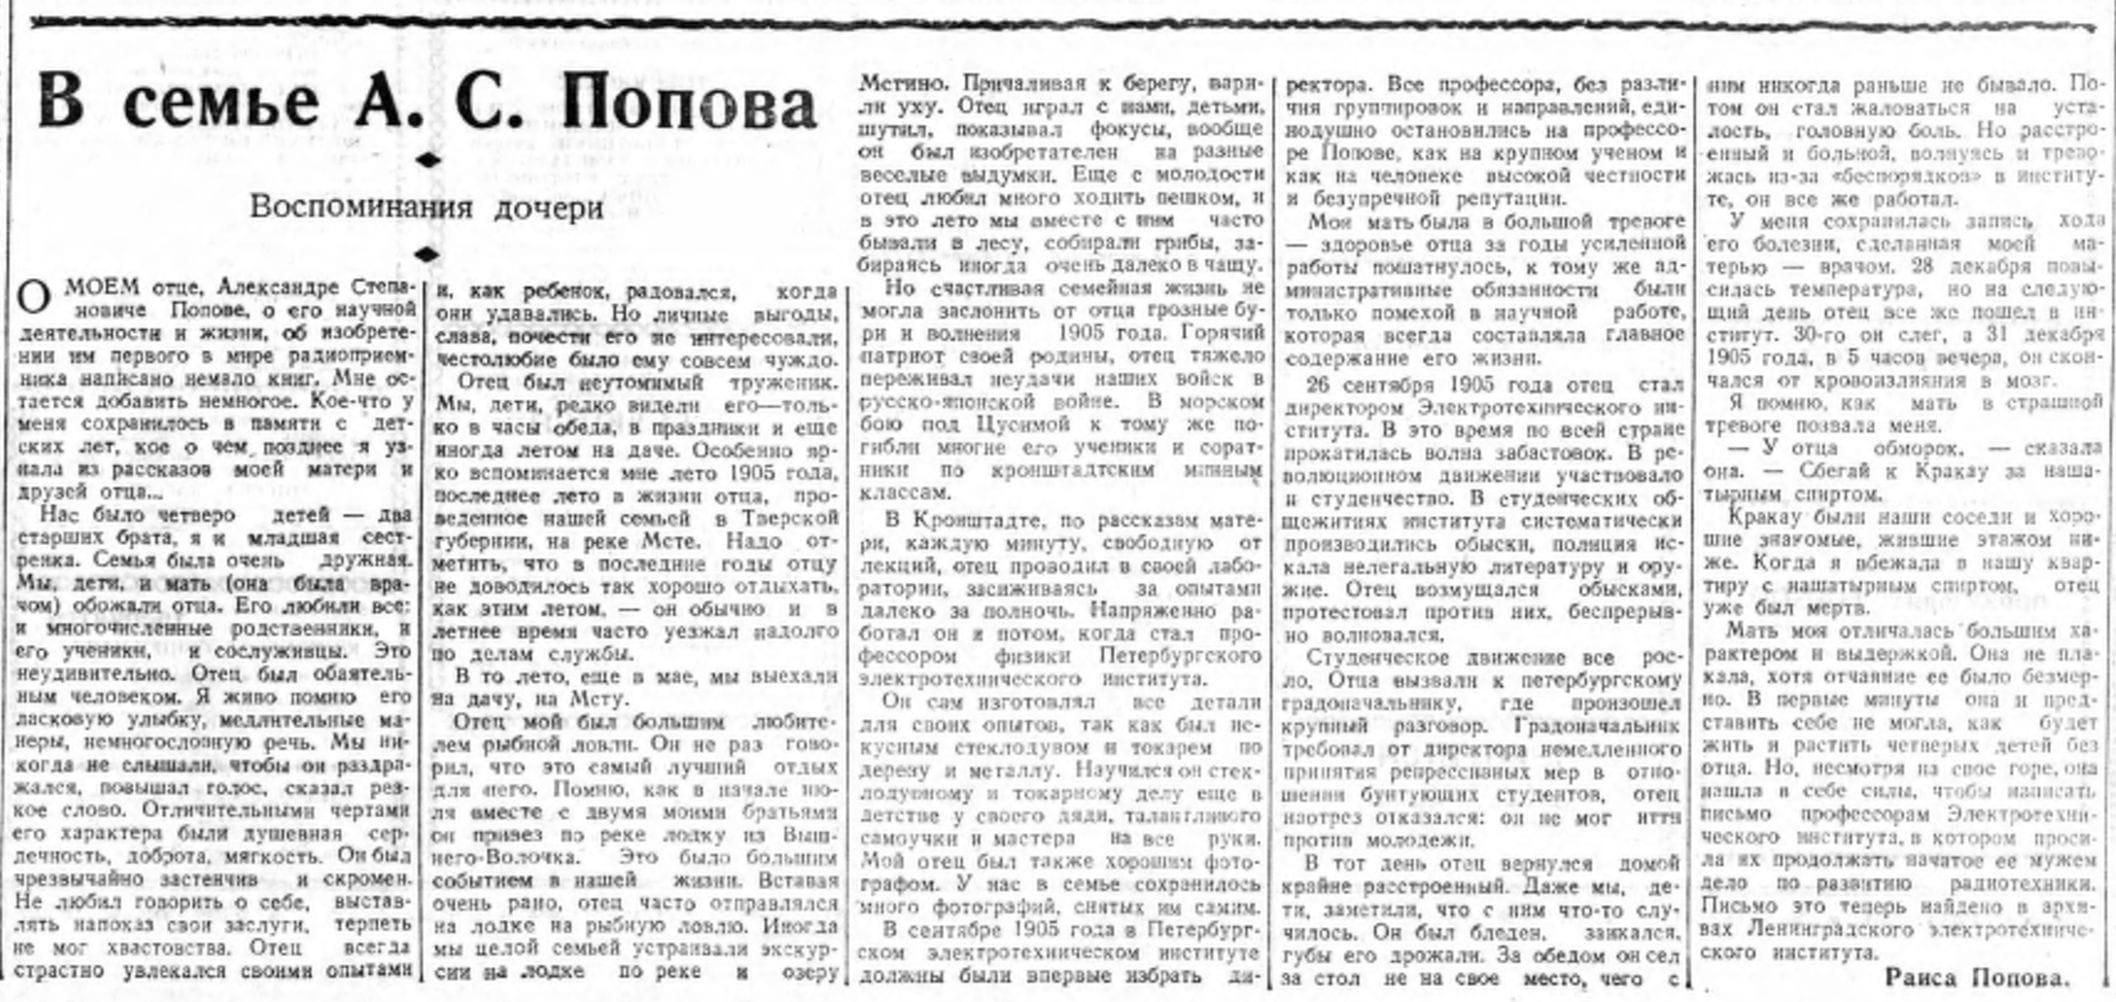 В семье А.С. Попова, воспоминания дочери (Газета «Вечерняя Москва» от 08 мая 1945 года)